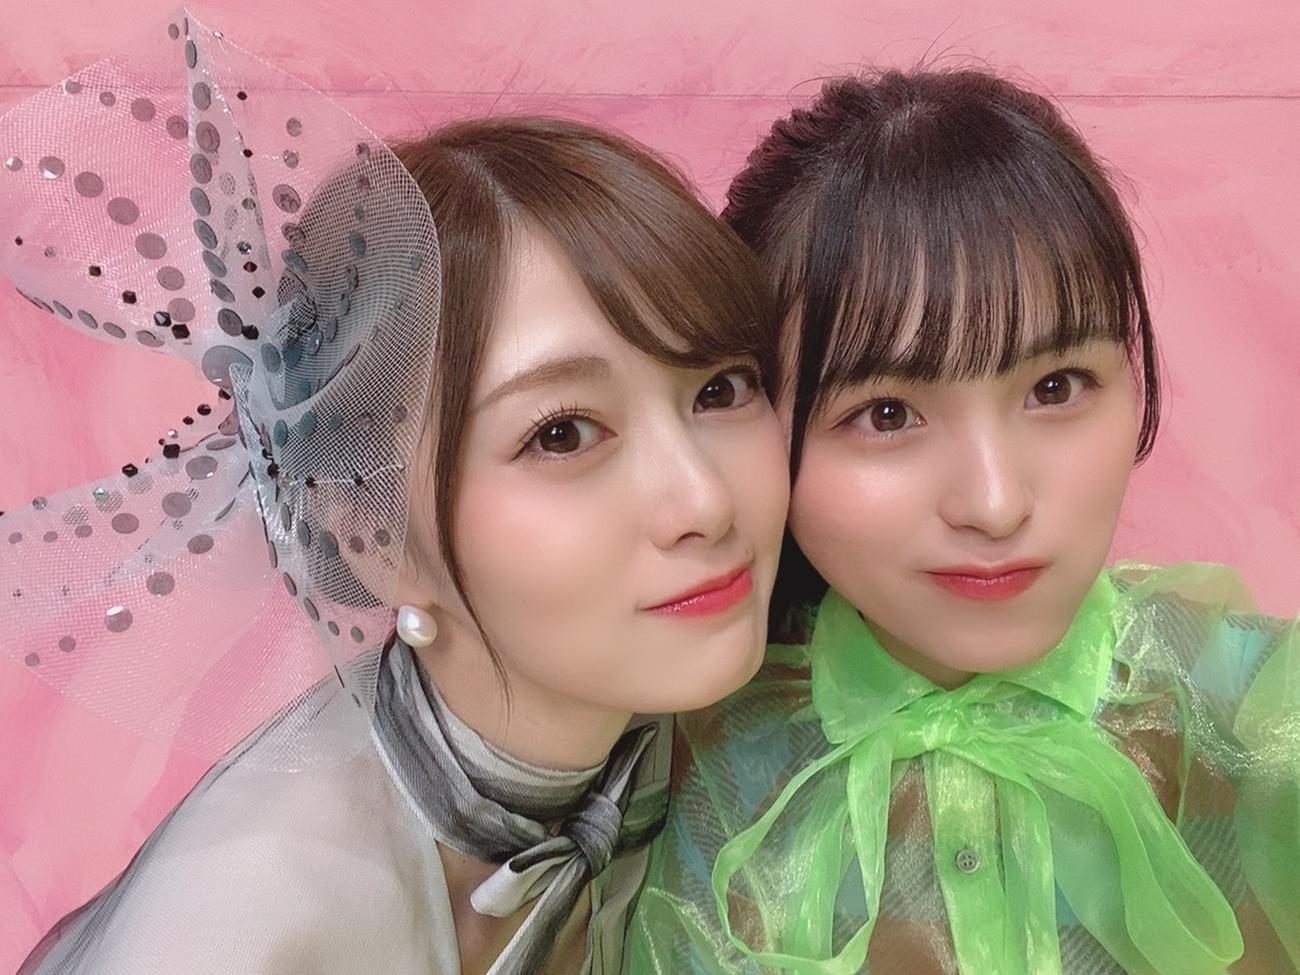 乃木坂46の白石麻衣(左)と大園桃子